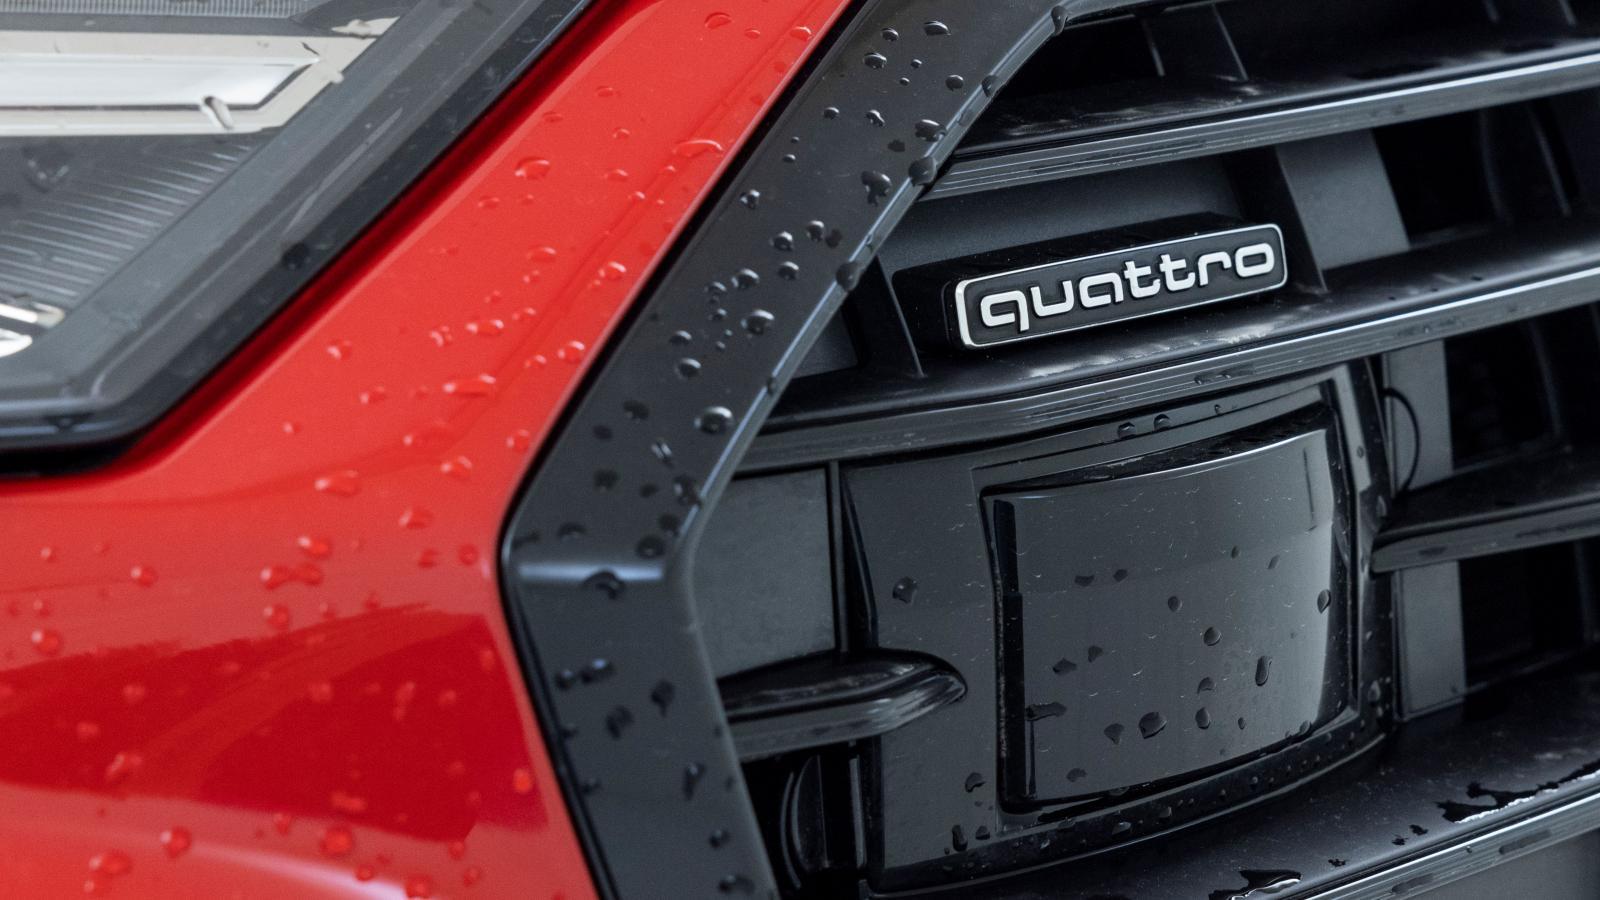 Utsatt sensorplacering är en rejäl plump för Audi. Flera funktioner slås ut nästan direkt av aldrig så lite regn eller snöslask.